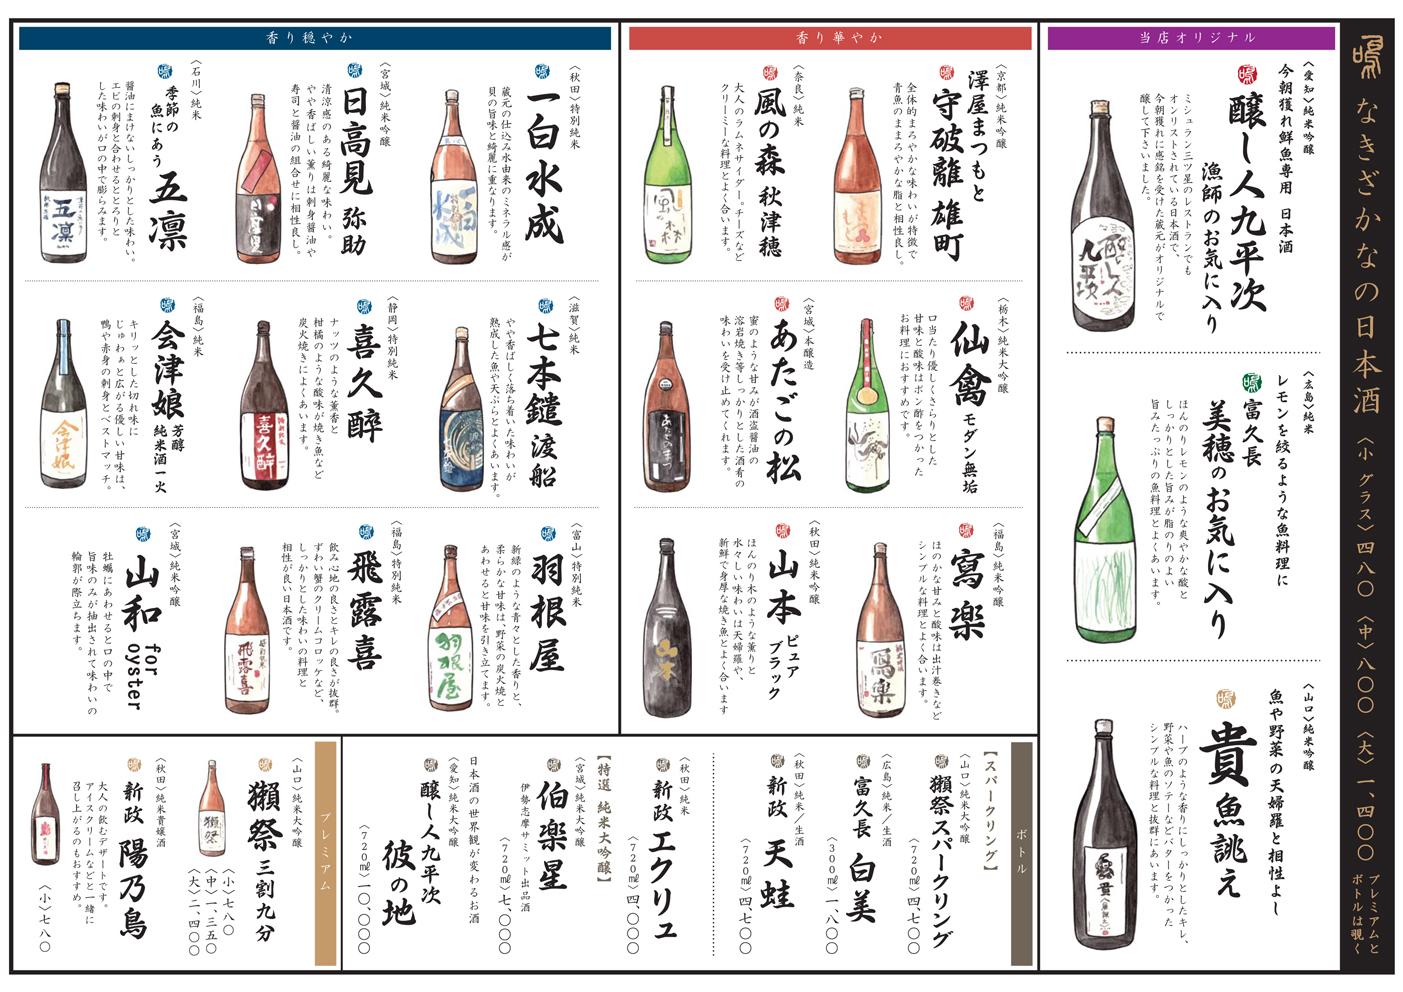 「なきざかな(@神楽坂)」 日本酒メニューイラスト